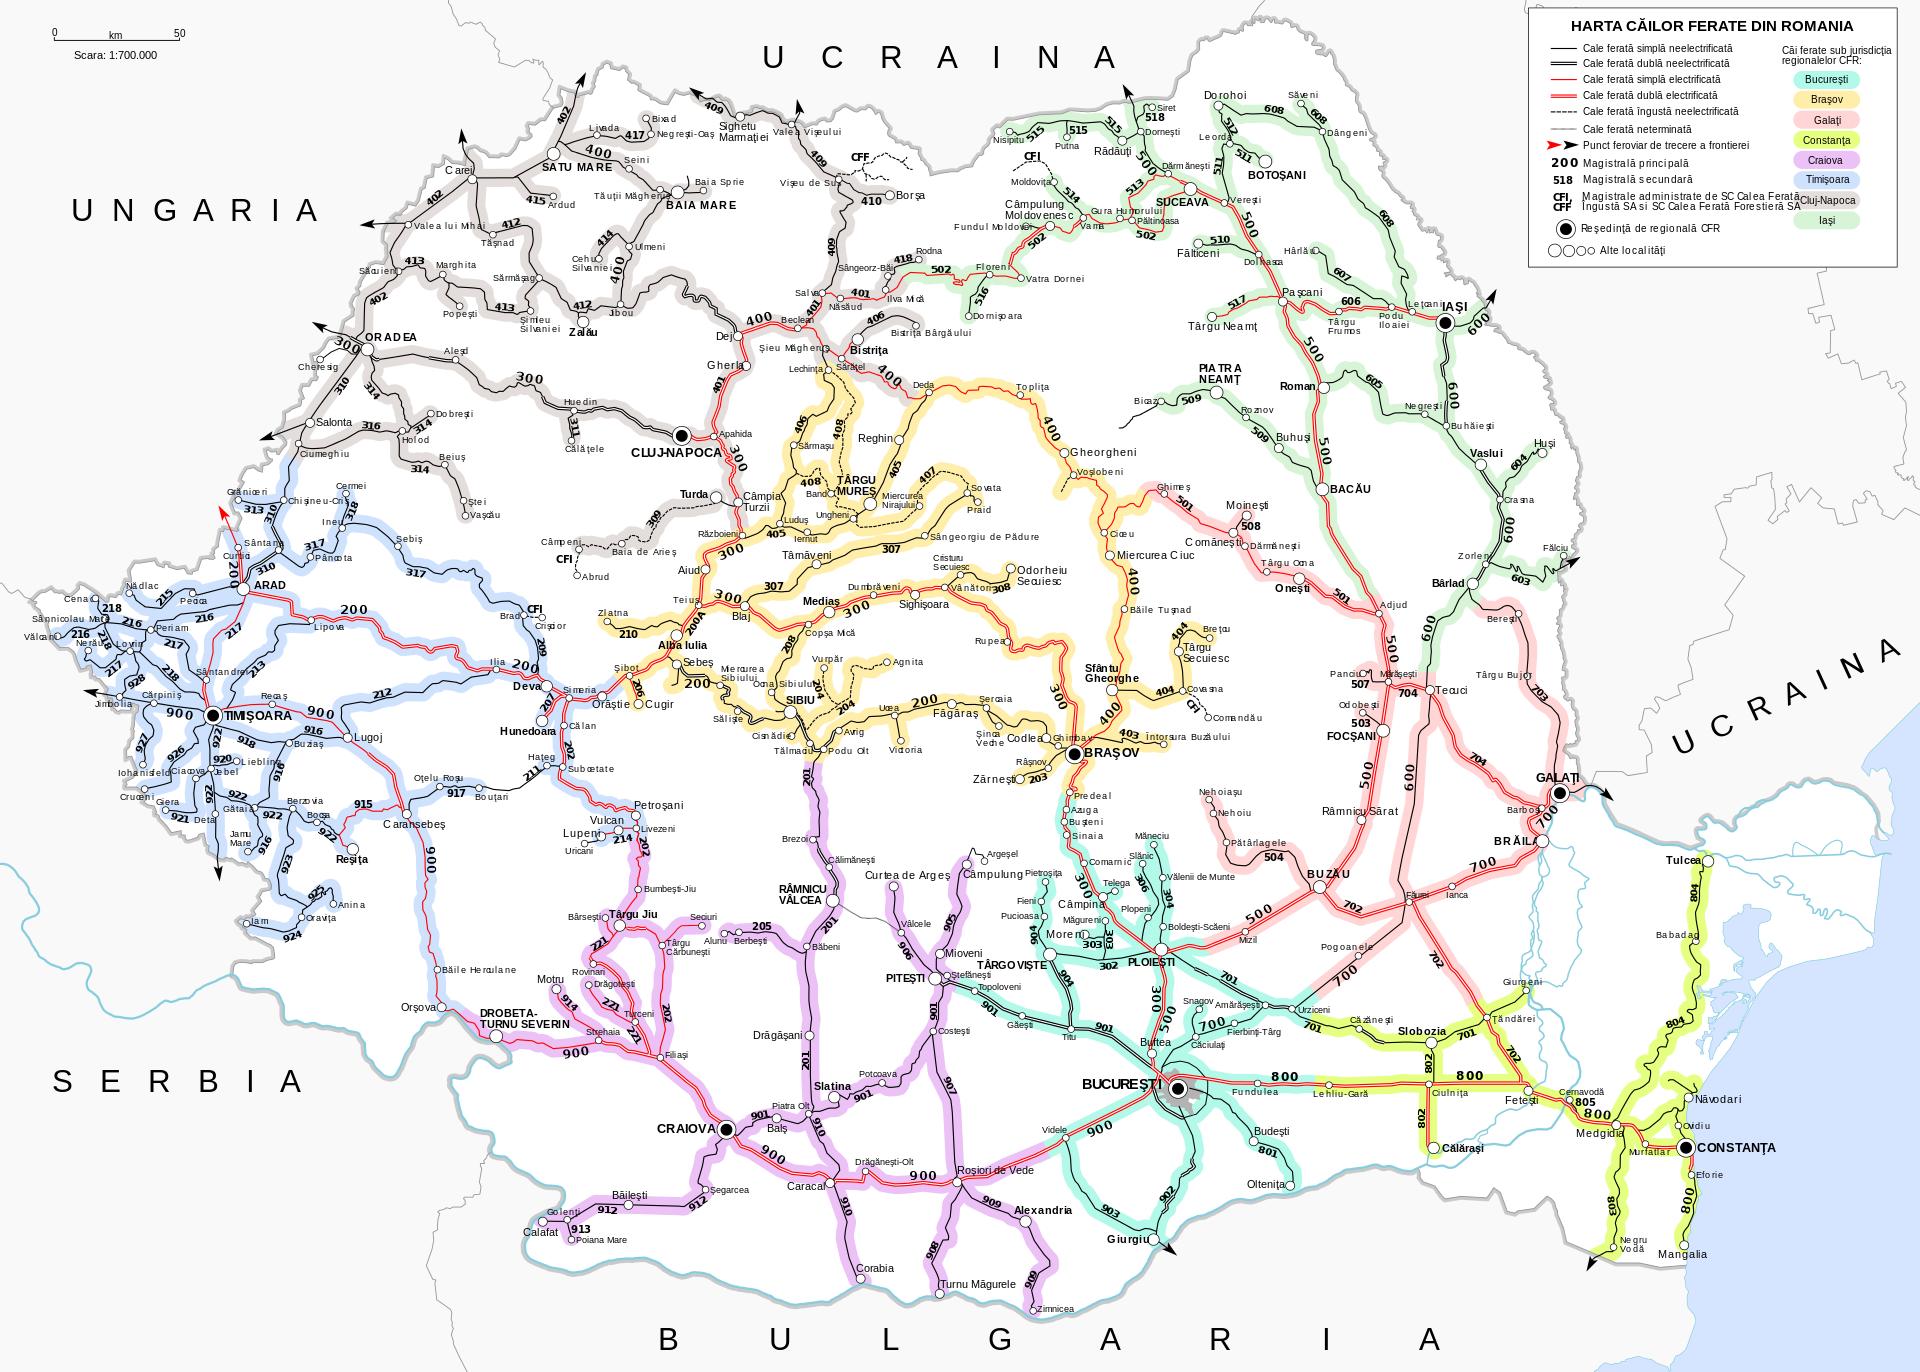 Romania鉄道路線図